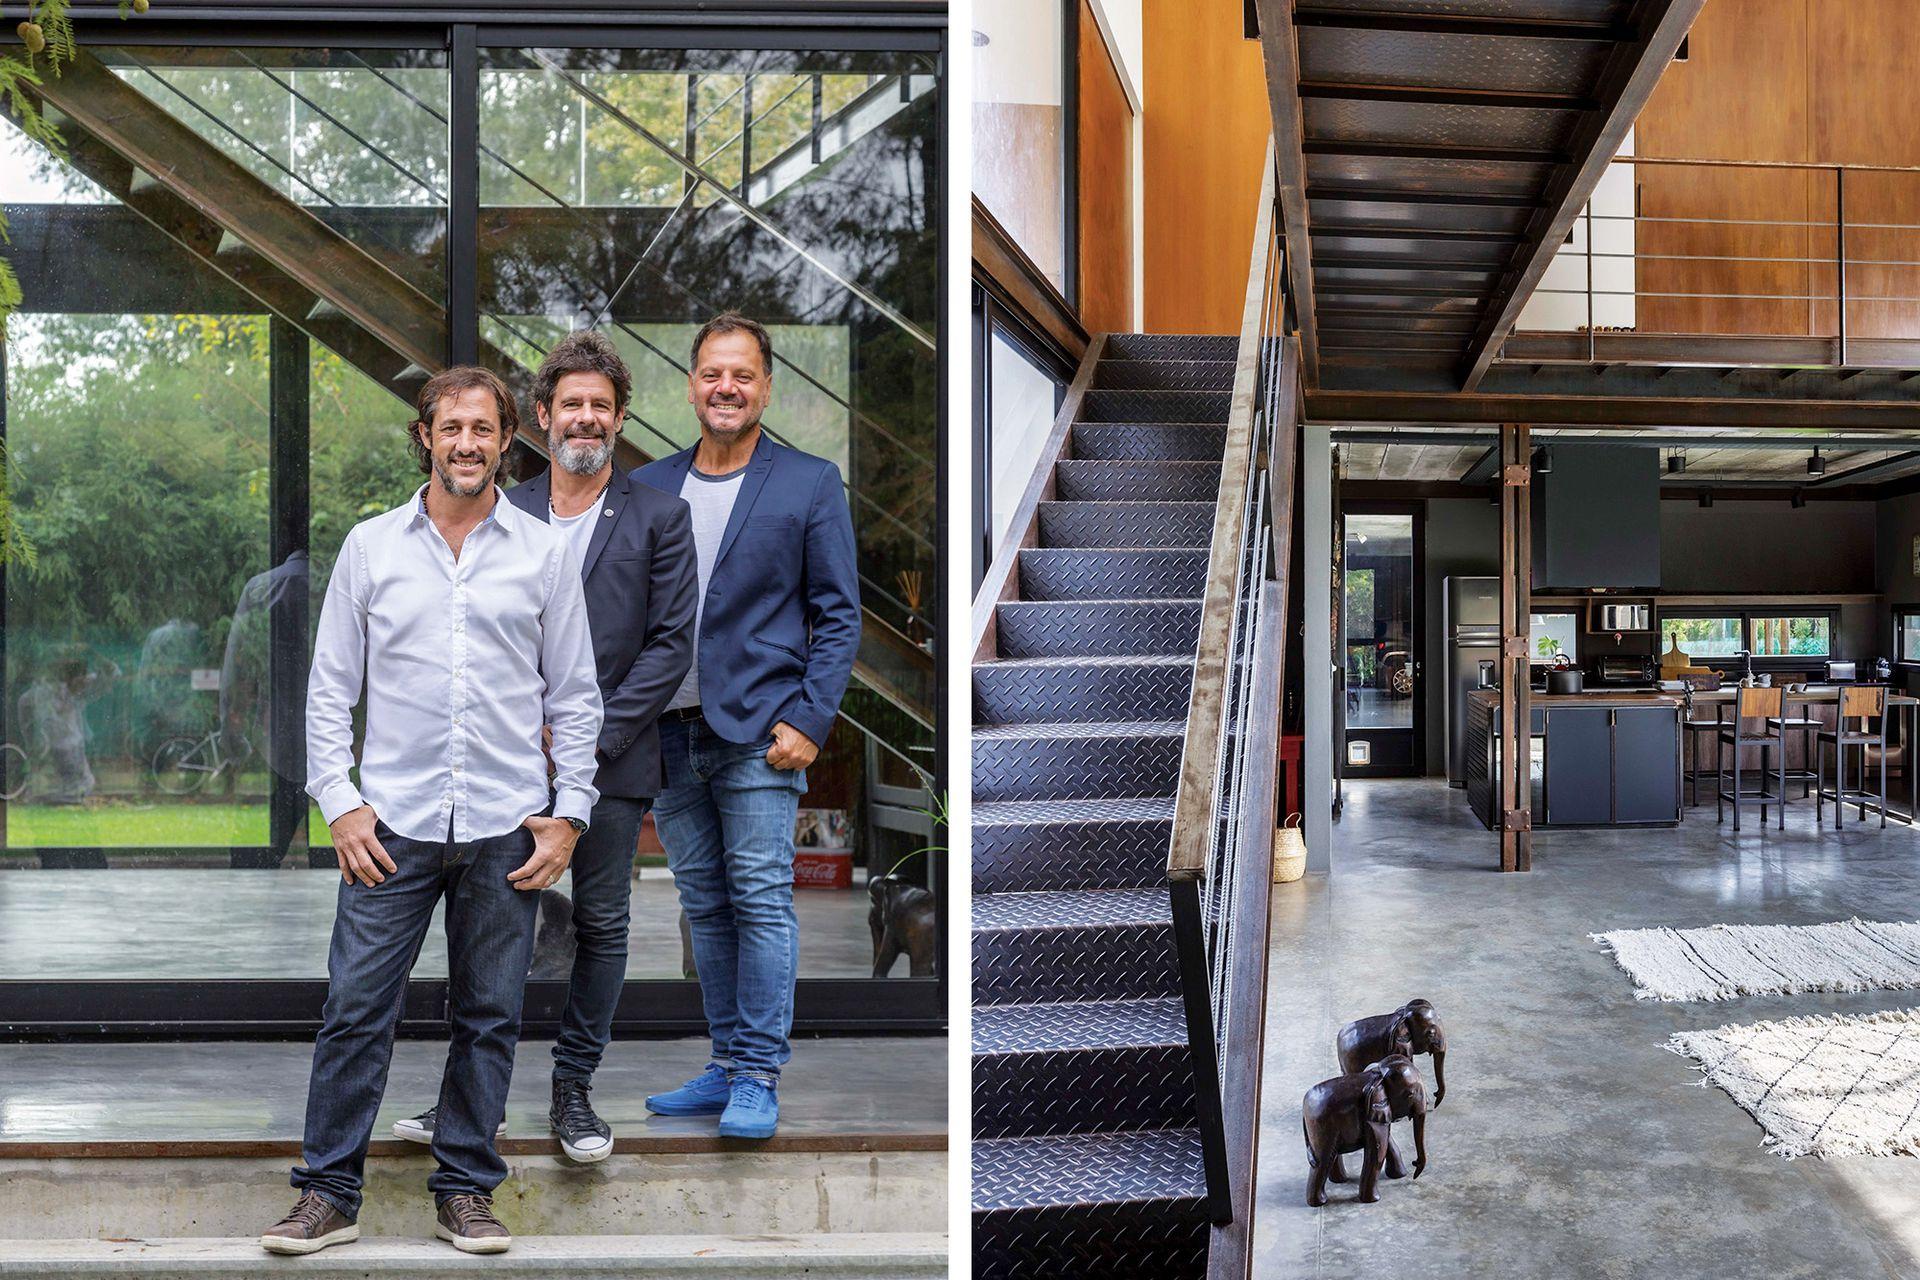 Los arquitectos Eugenio Casano, Sebastián Lebuis y Julián Carluccio, del estudio CLC.